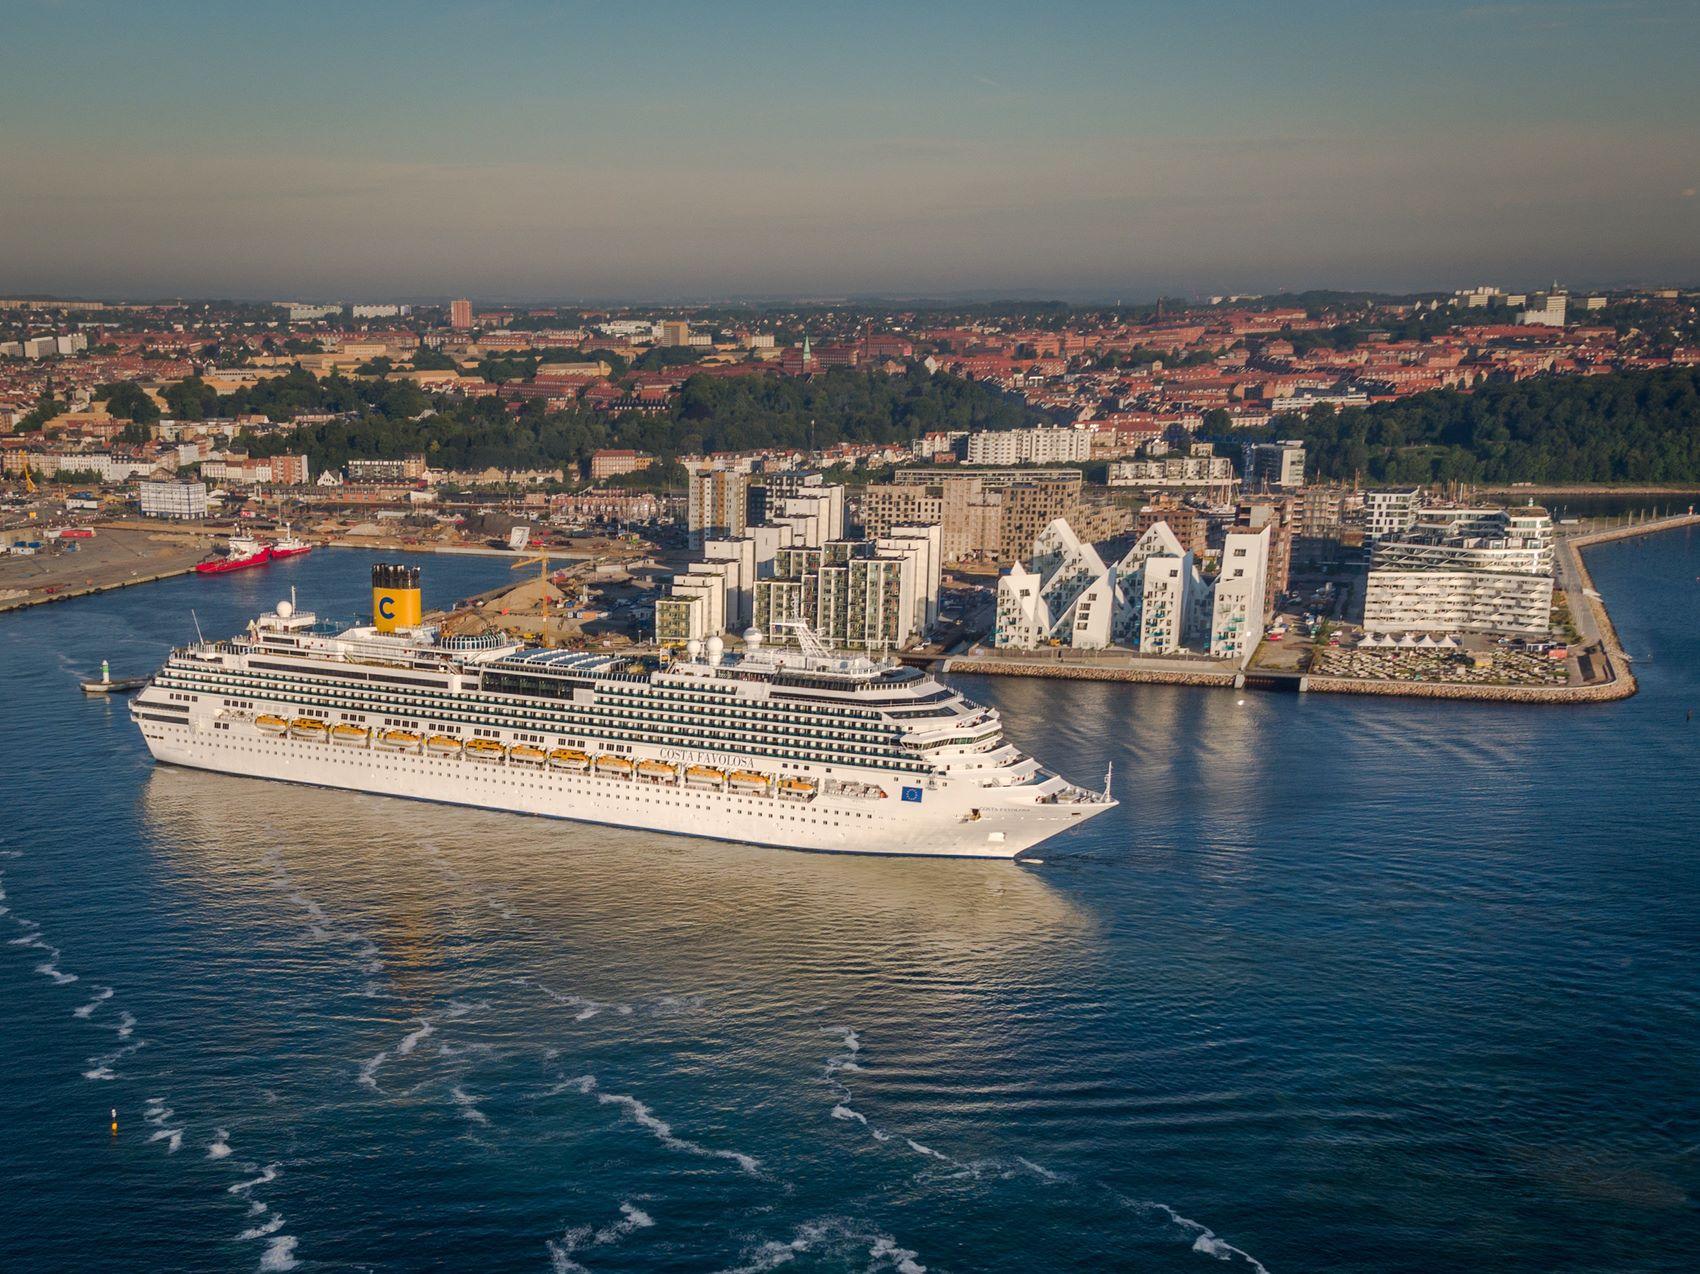 Krydstogtrekorden i Aarhus har lige slået sig selv – helt uventet lægger endnu et skib i dag til havn i byen, der ellers for længst har pillet dette års krydstogtkalender ned. Om VisitAarhus